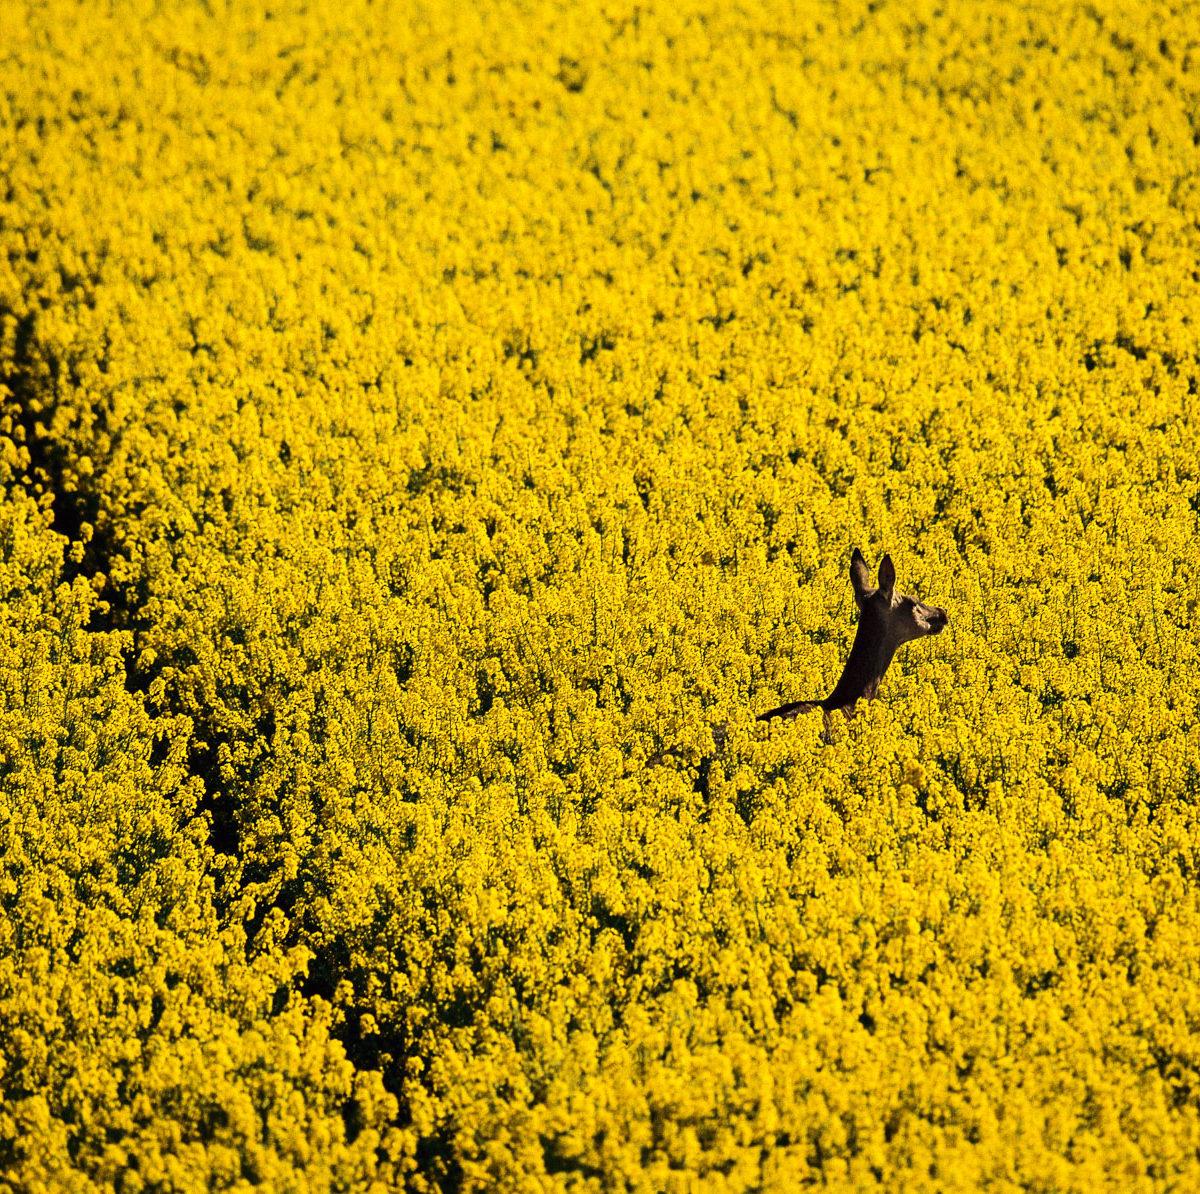 Biche en liberté dans la vallée de Chevreuse, Yvelines, France (48°50' N – 1°47' E).